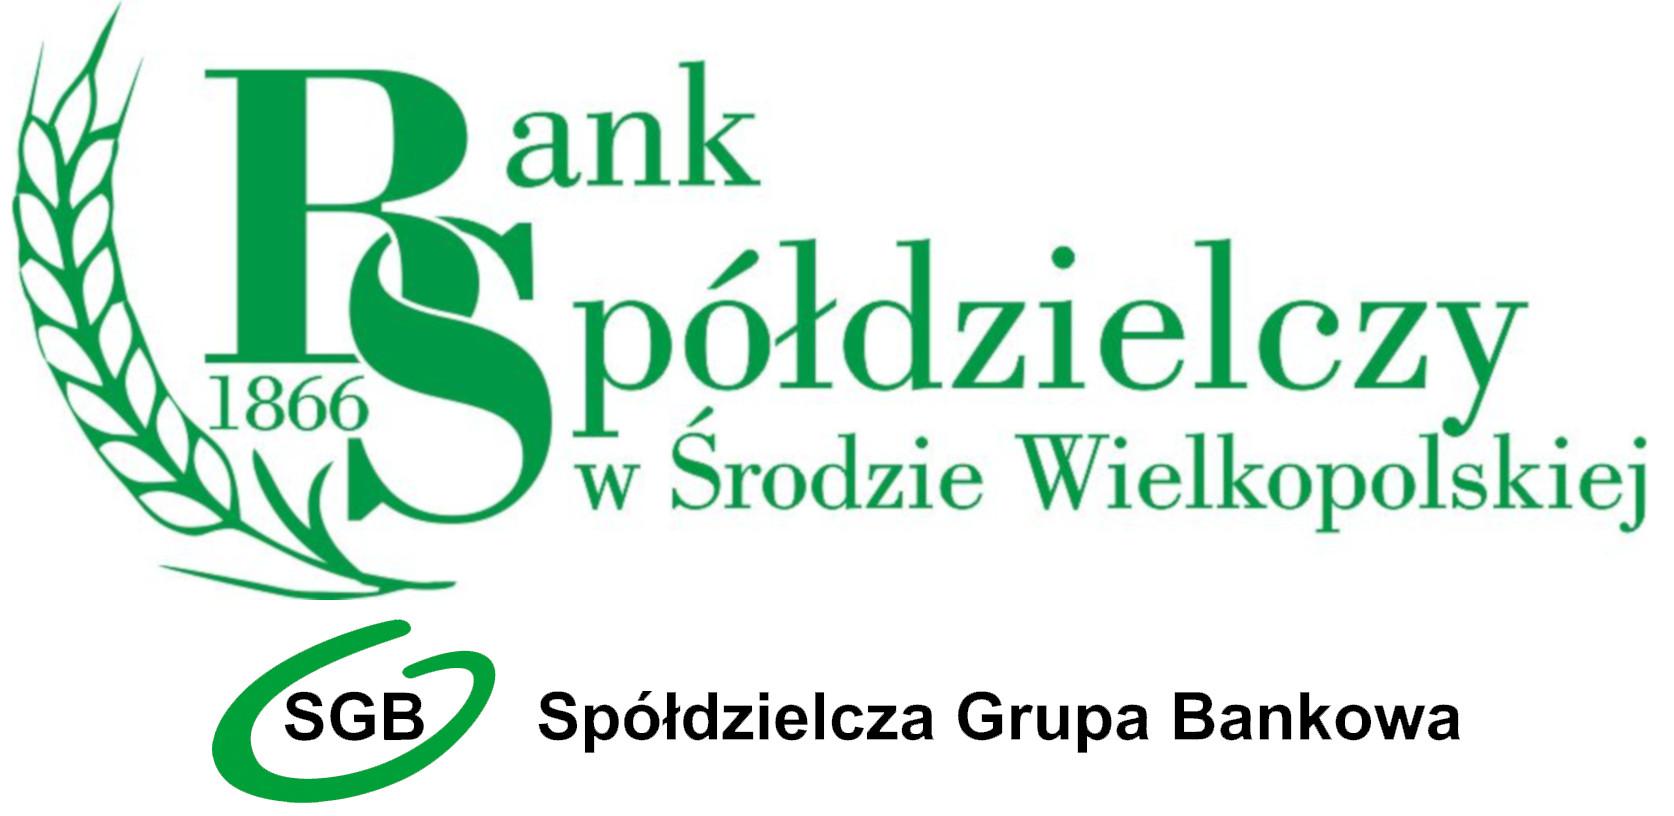 Konto dla Młodych - Bank Spółdzielczy w Środzie Wielkopolskiej